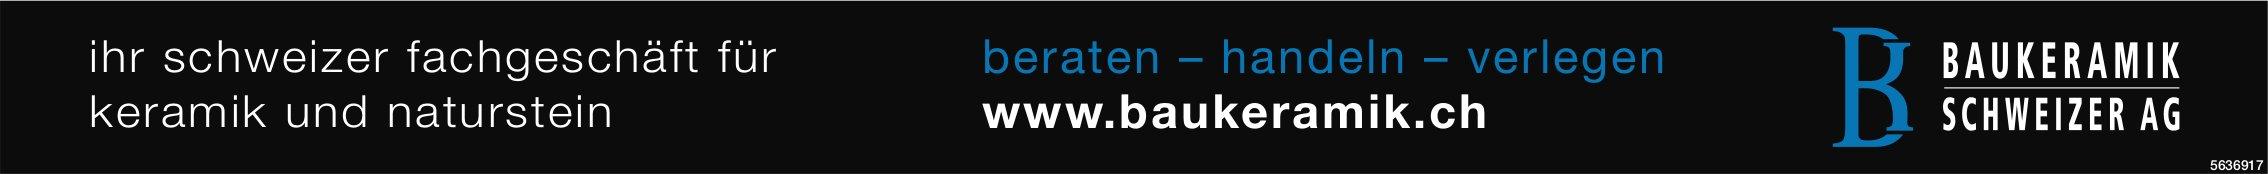 BAUKERAMIK SCHWEIZER AG - ihr schweizer fachgeschäft für keramik und naturstein